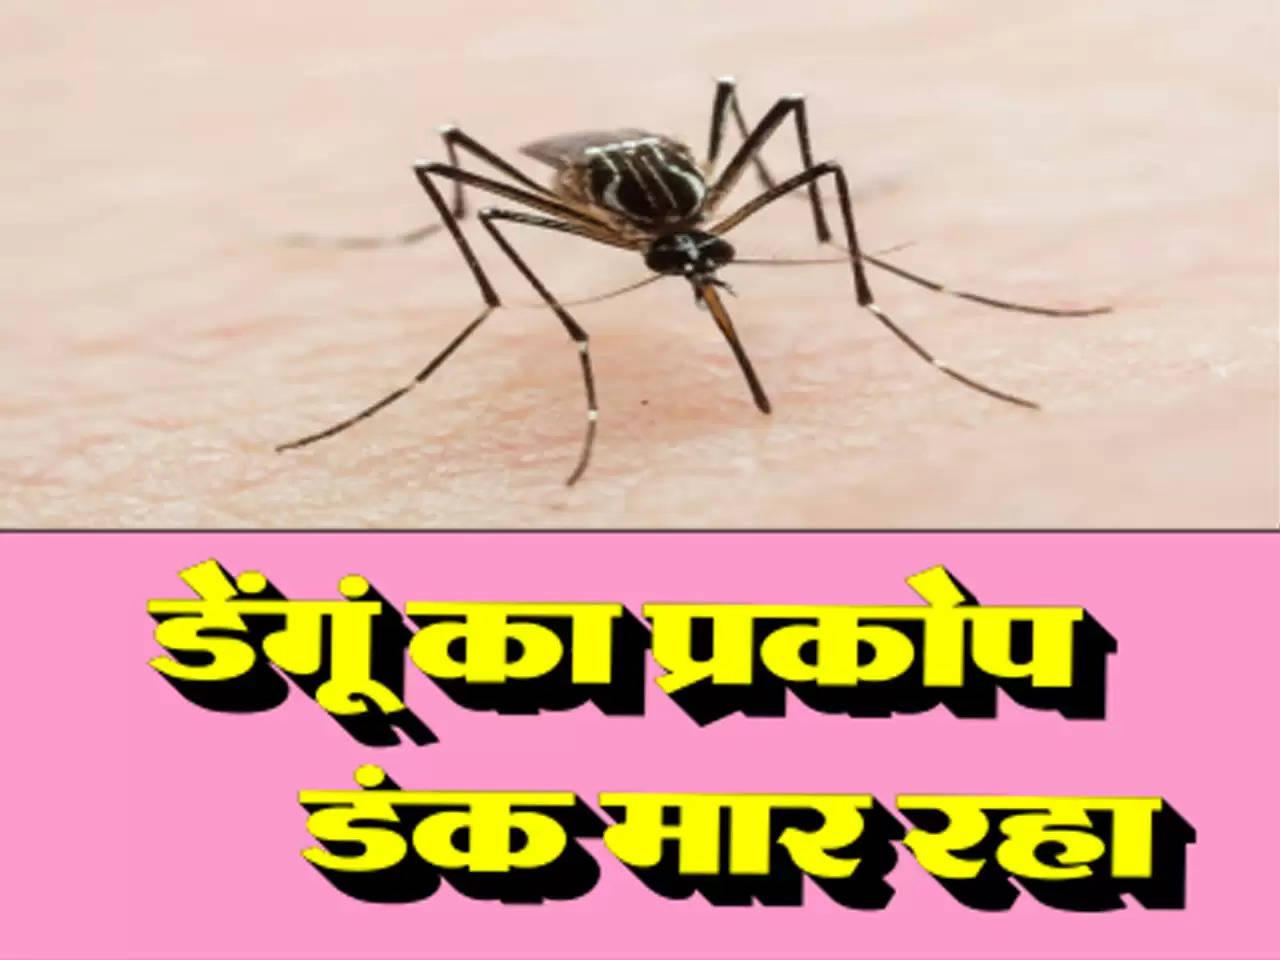 डेंगूं का प्रकोप डंक मार रहा , जानें लक्षण और बचने के उपाय